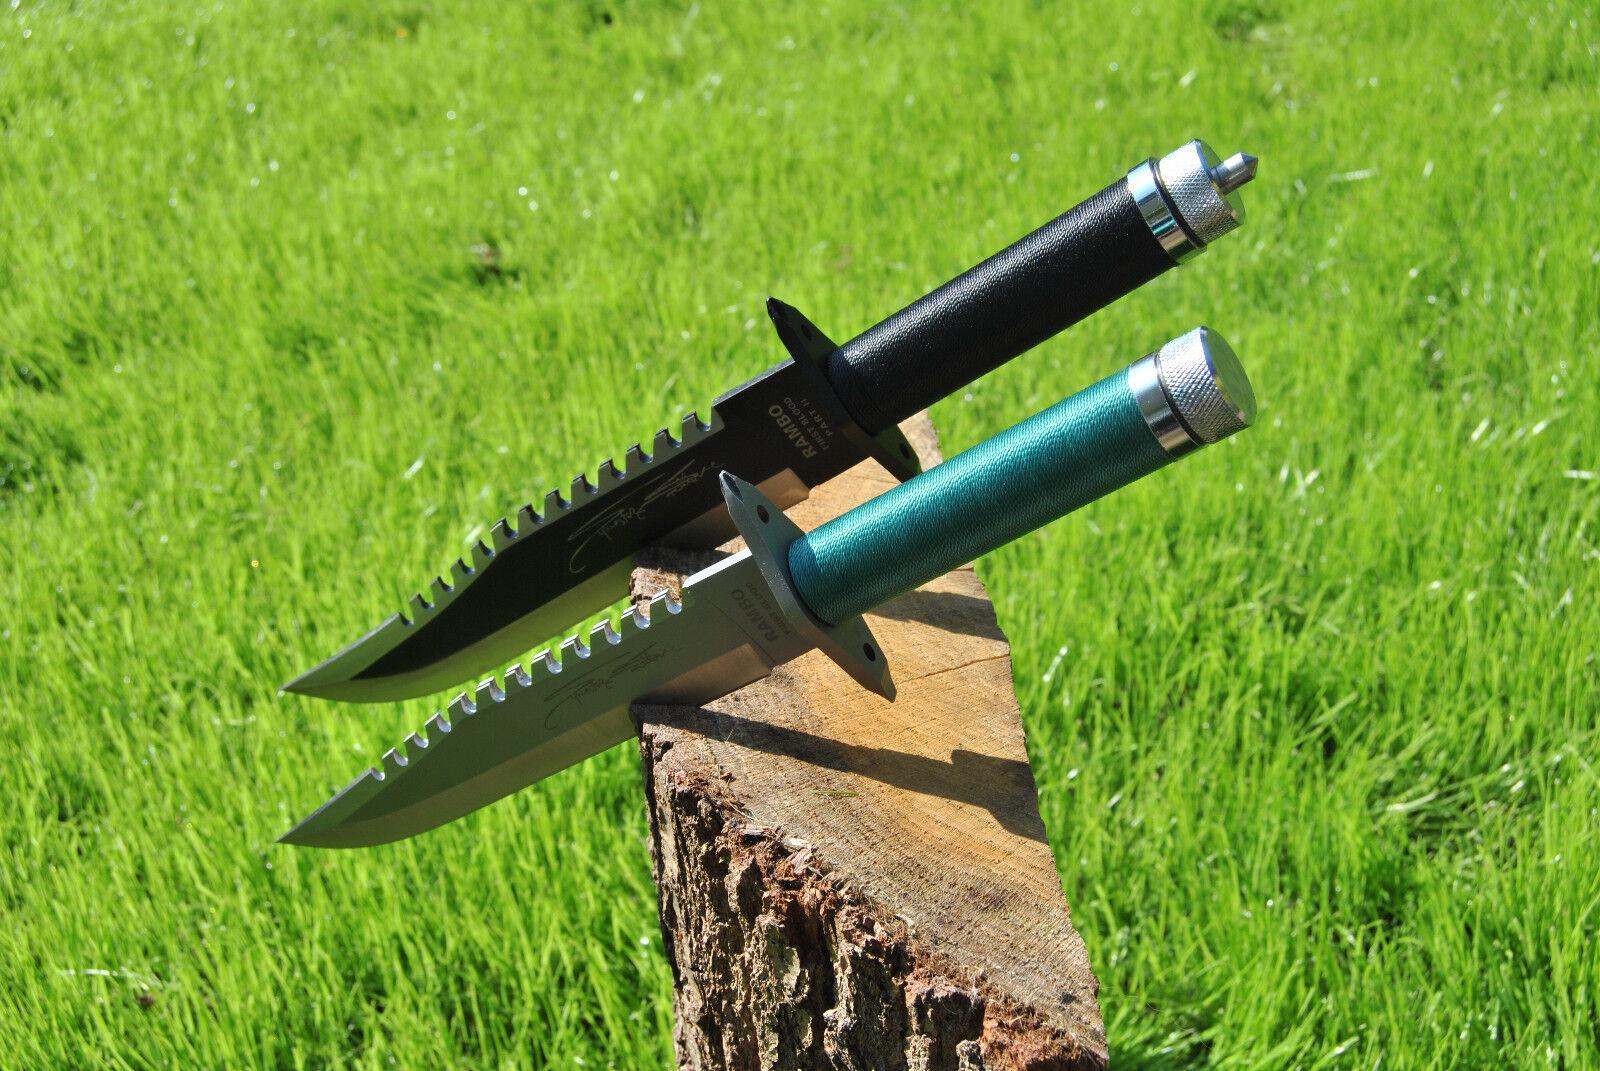 Offer Rambo Knife John Rambo 1 and 2 Set Signature Edition,